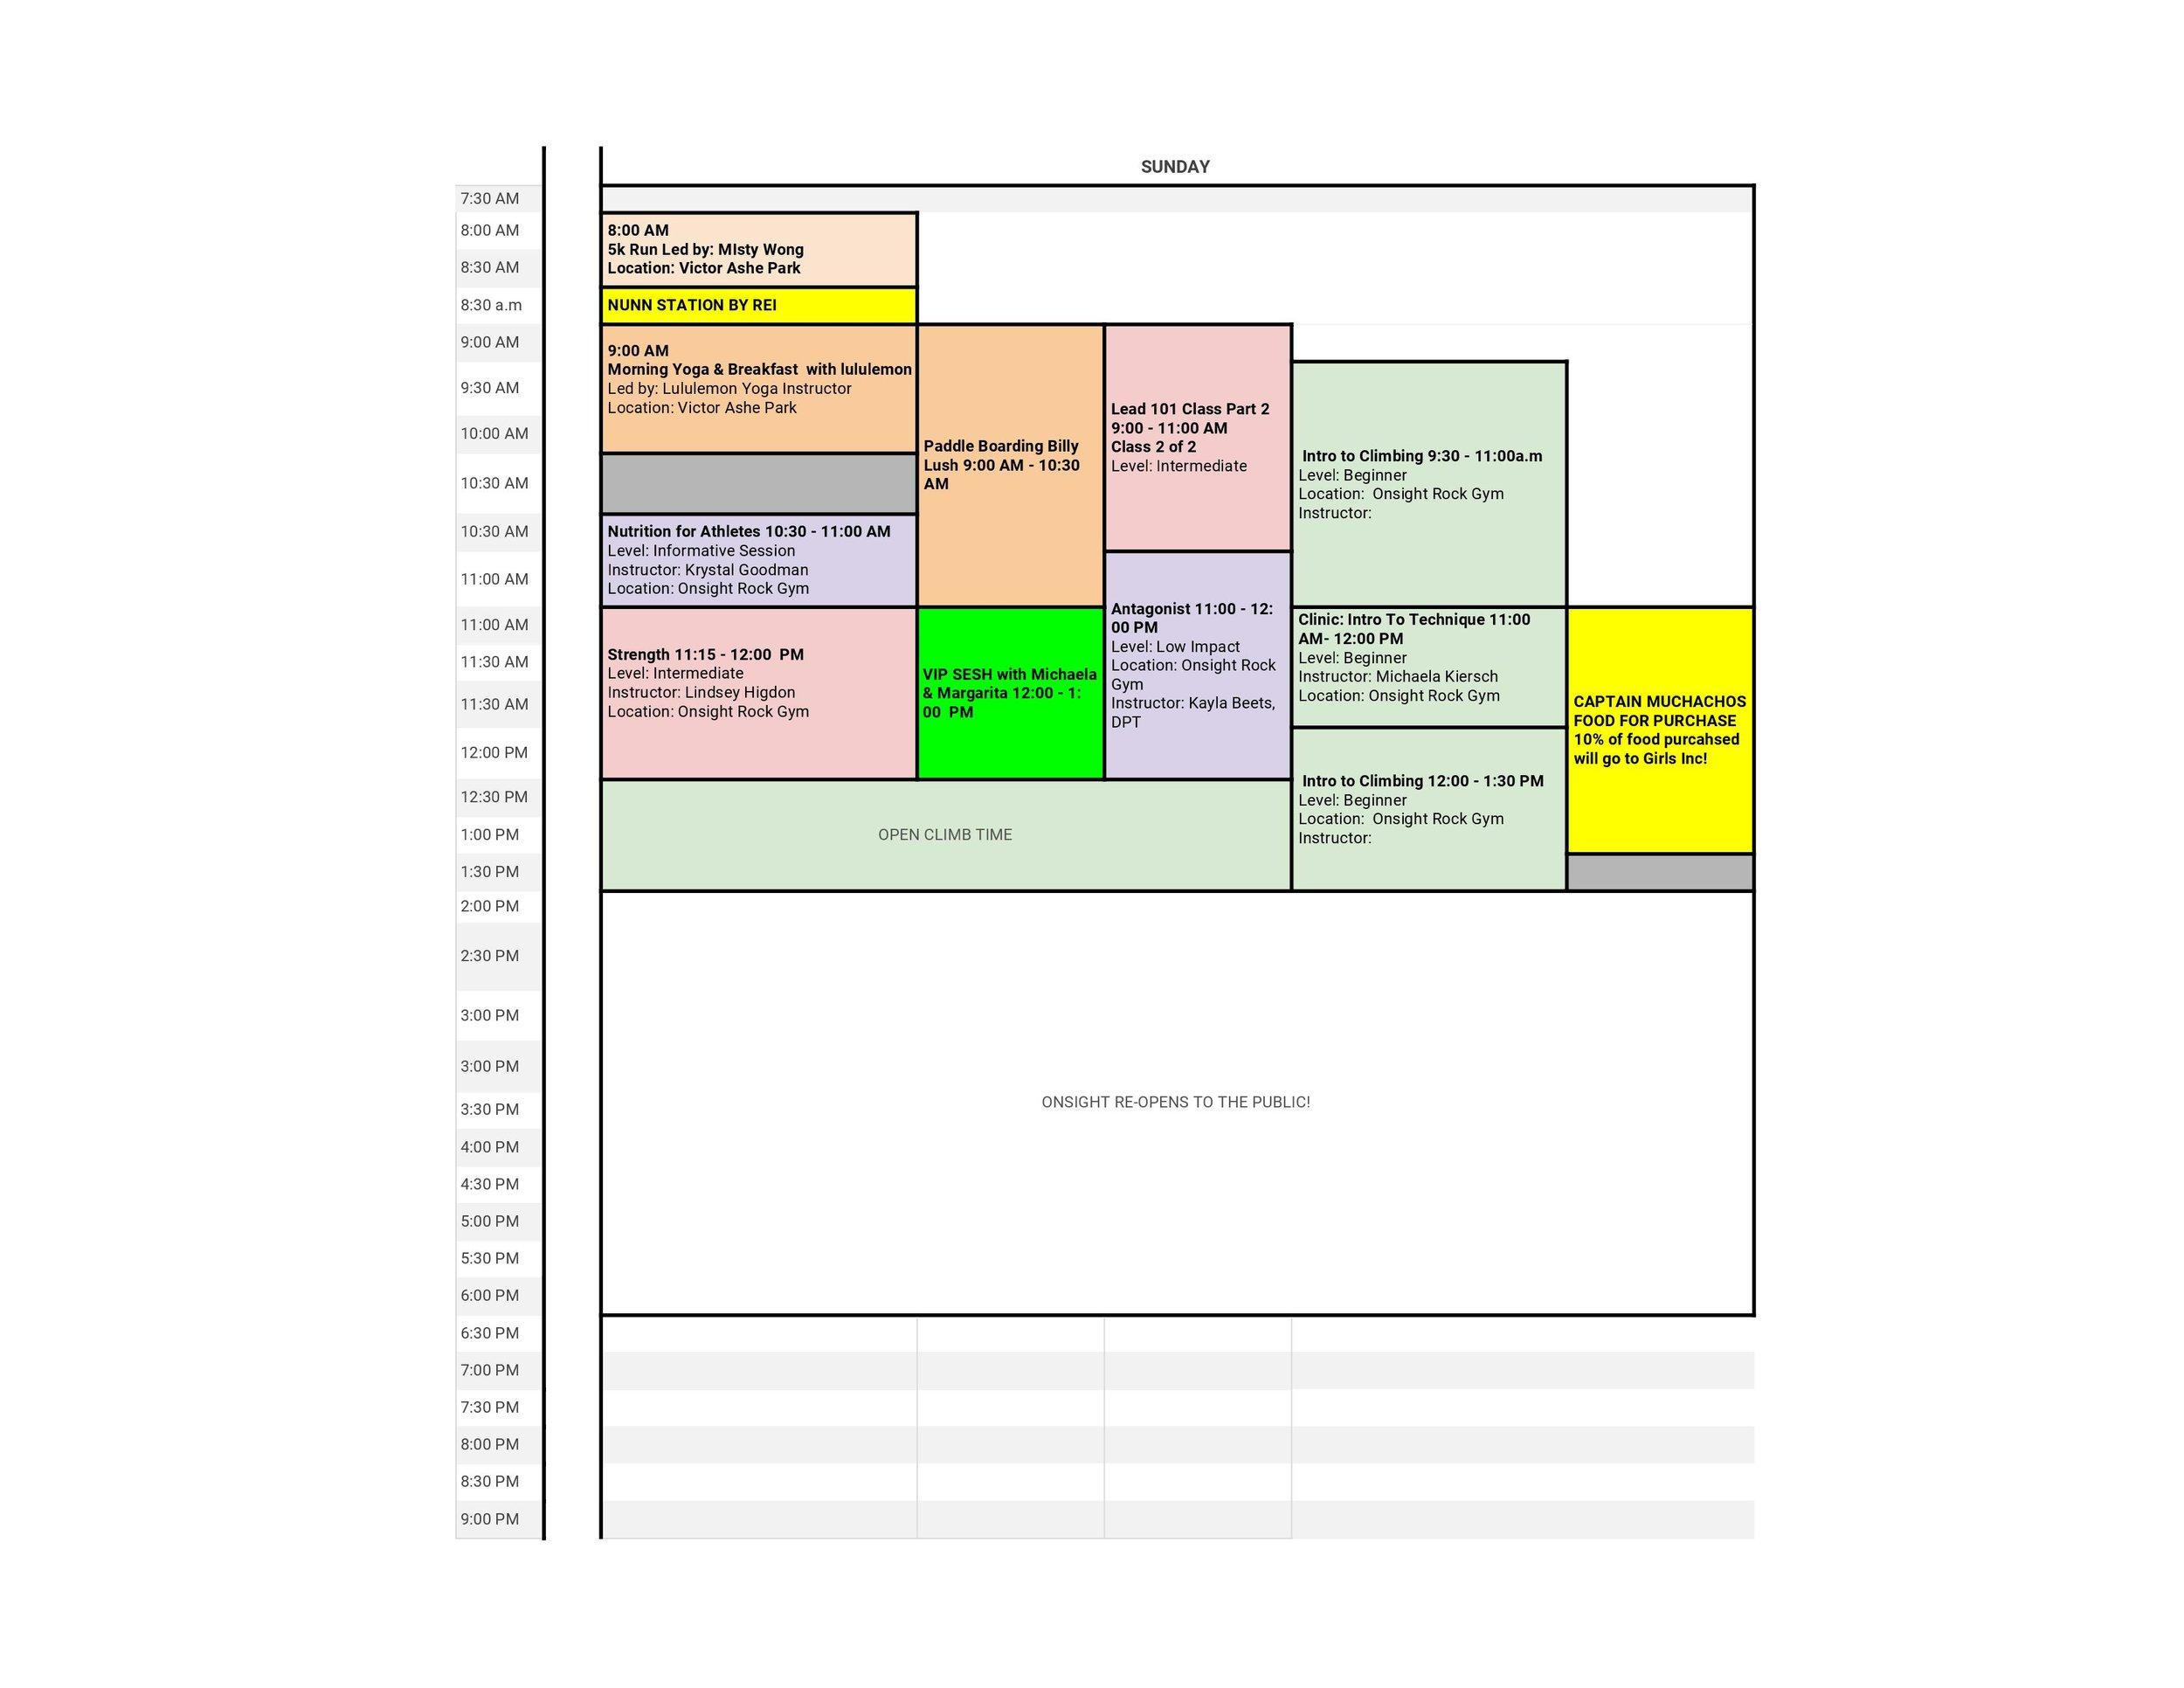 Unleashed_Schedule_Sunday.jpg